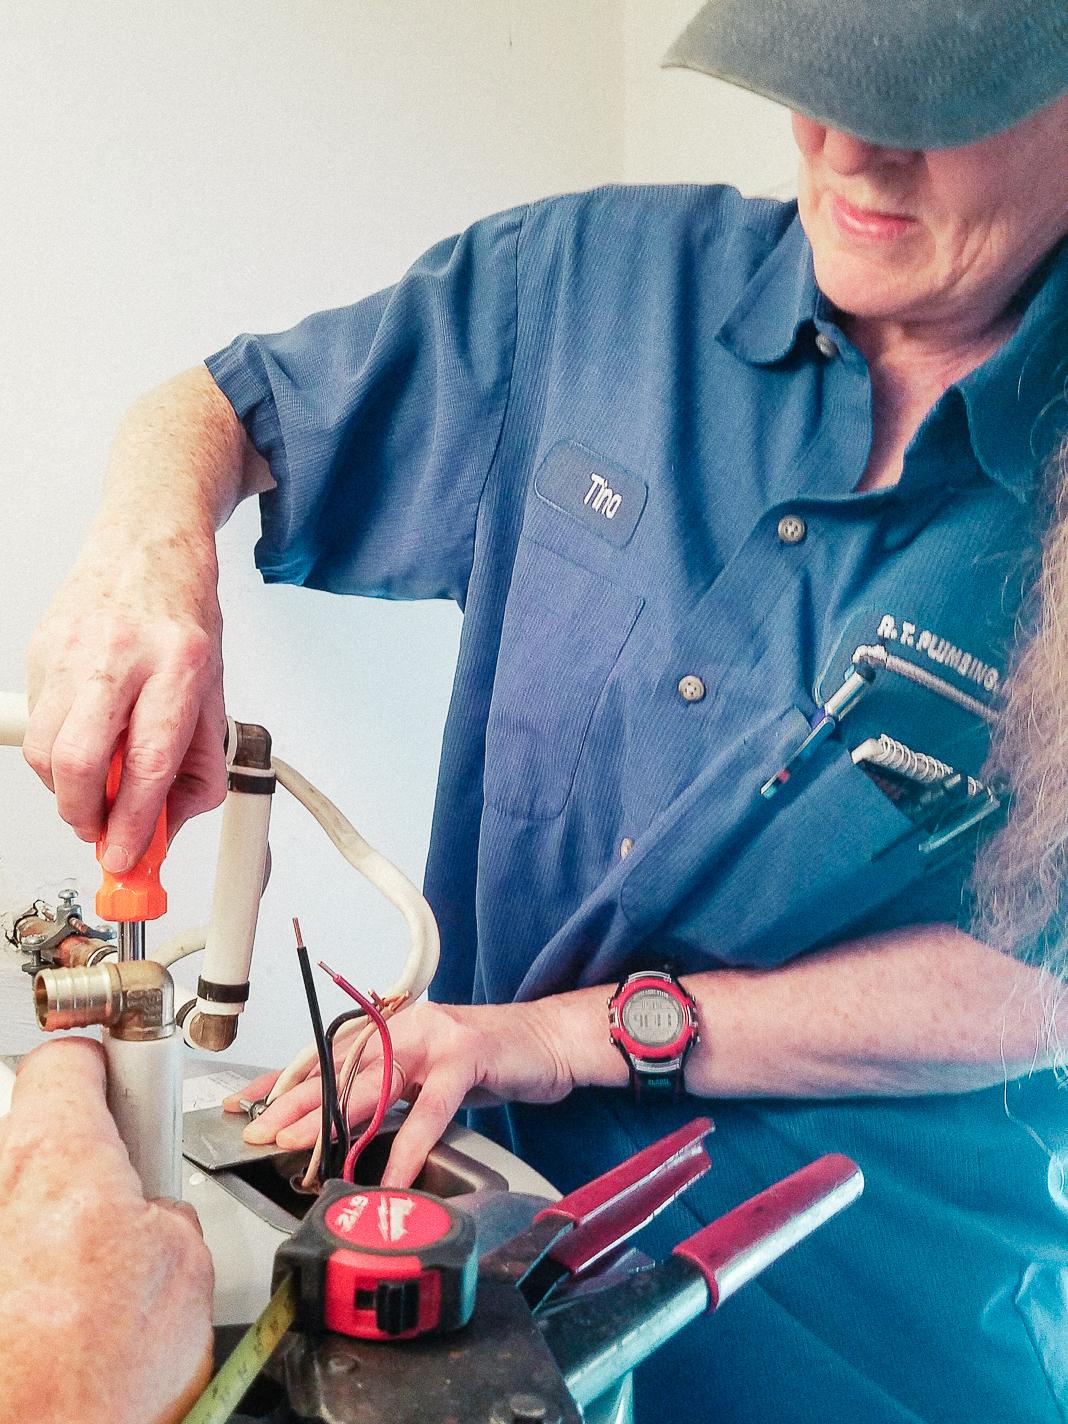 Plumbing-Repair-AT-Plumbing-Roanoke-Virginia